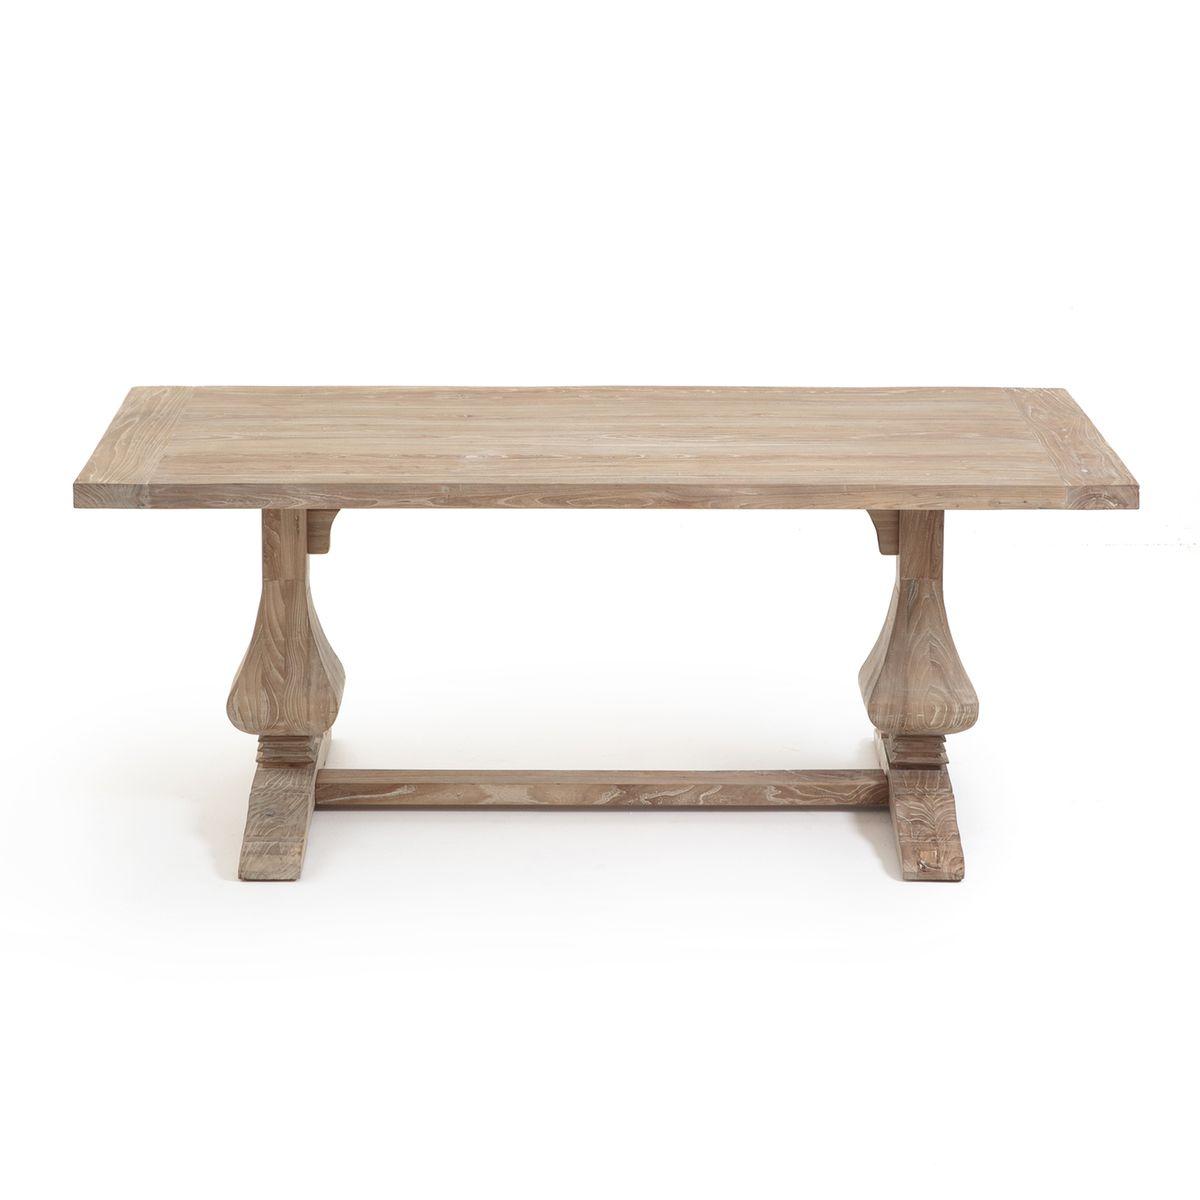 Table Rectangulaire Orme Massif Lorette Table Massif Et La Beaute Naturelle